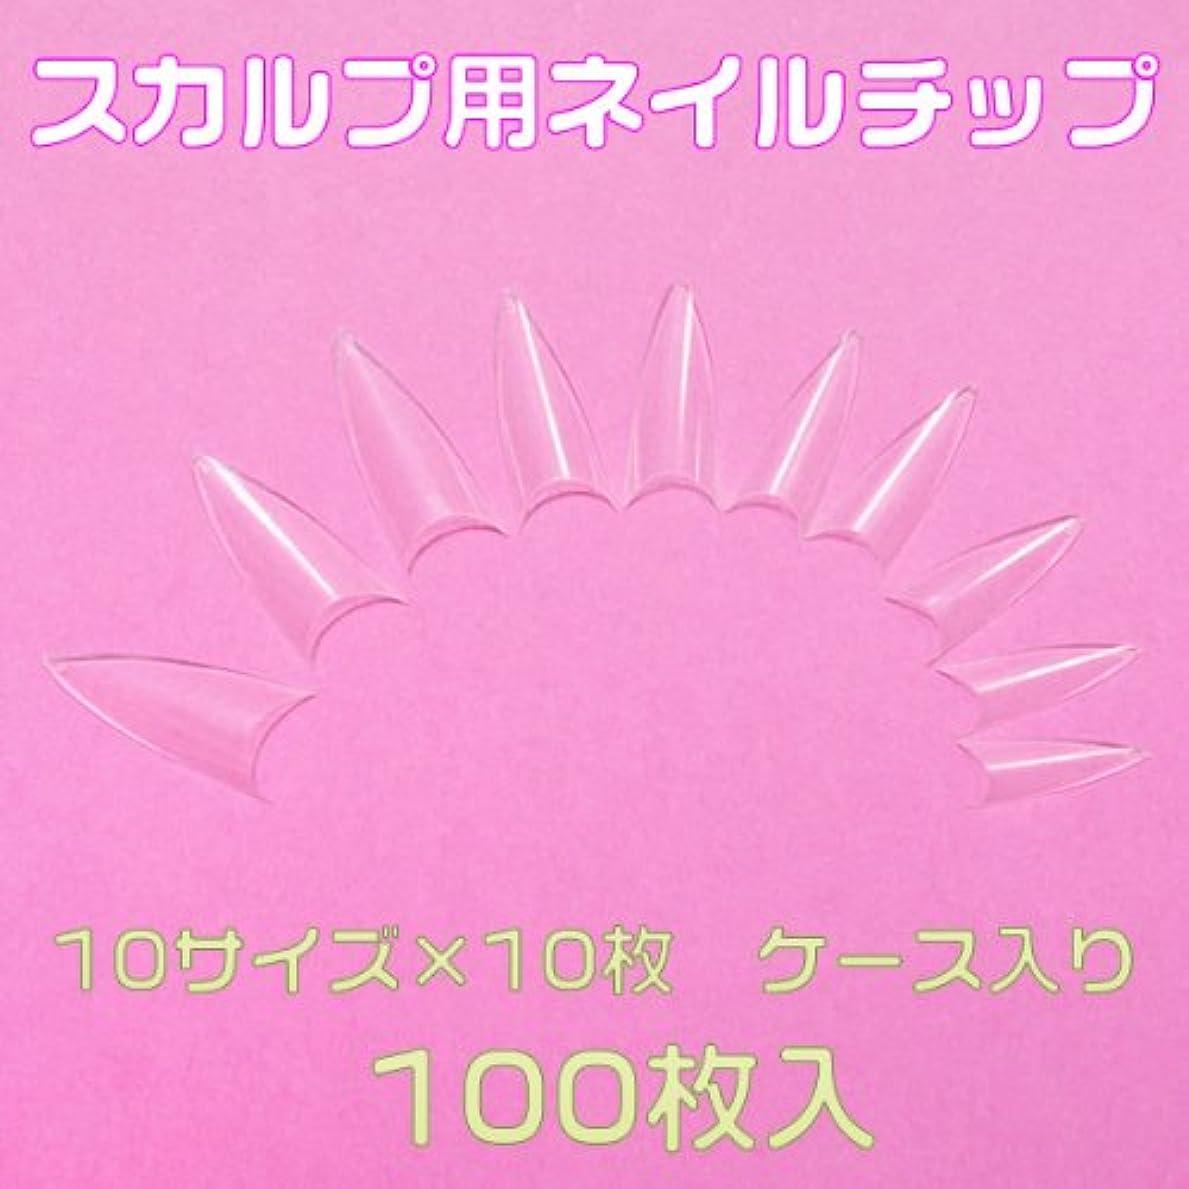 韻潤滑するステートメントシャープポイント 先端が尖ったネイルチップ10サイズ100枚 クリア ケース入[#c5]とんがりネイルチップ